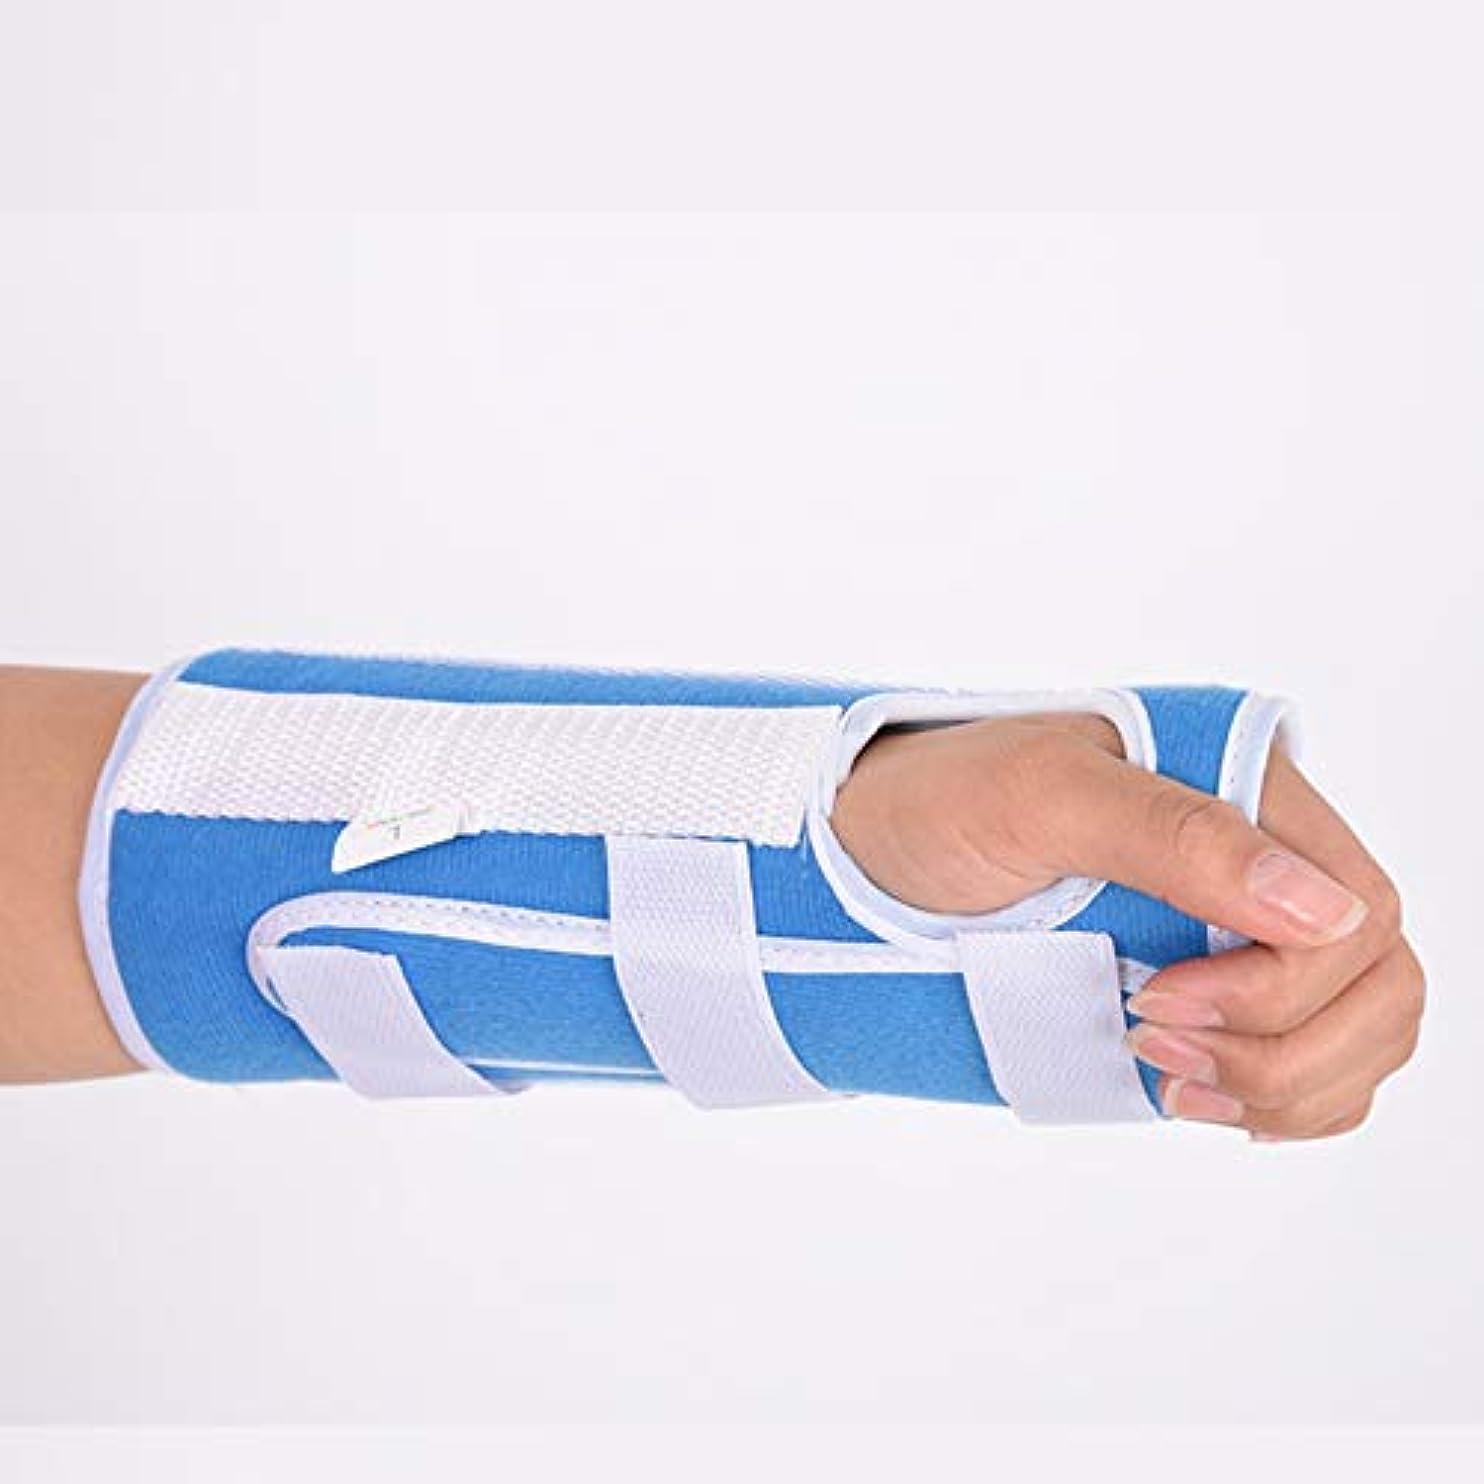 許されるスペイン語盲目手根管用手首装具、関節炎および腱炎用の快適で調整可能な手首支持装具、左手と右手の両方に適合,S